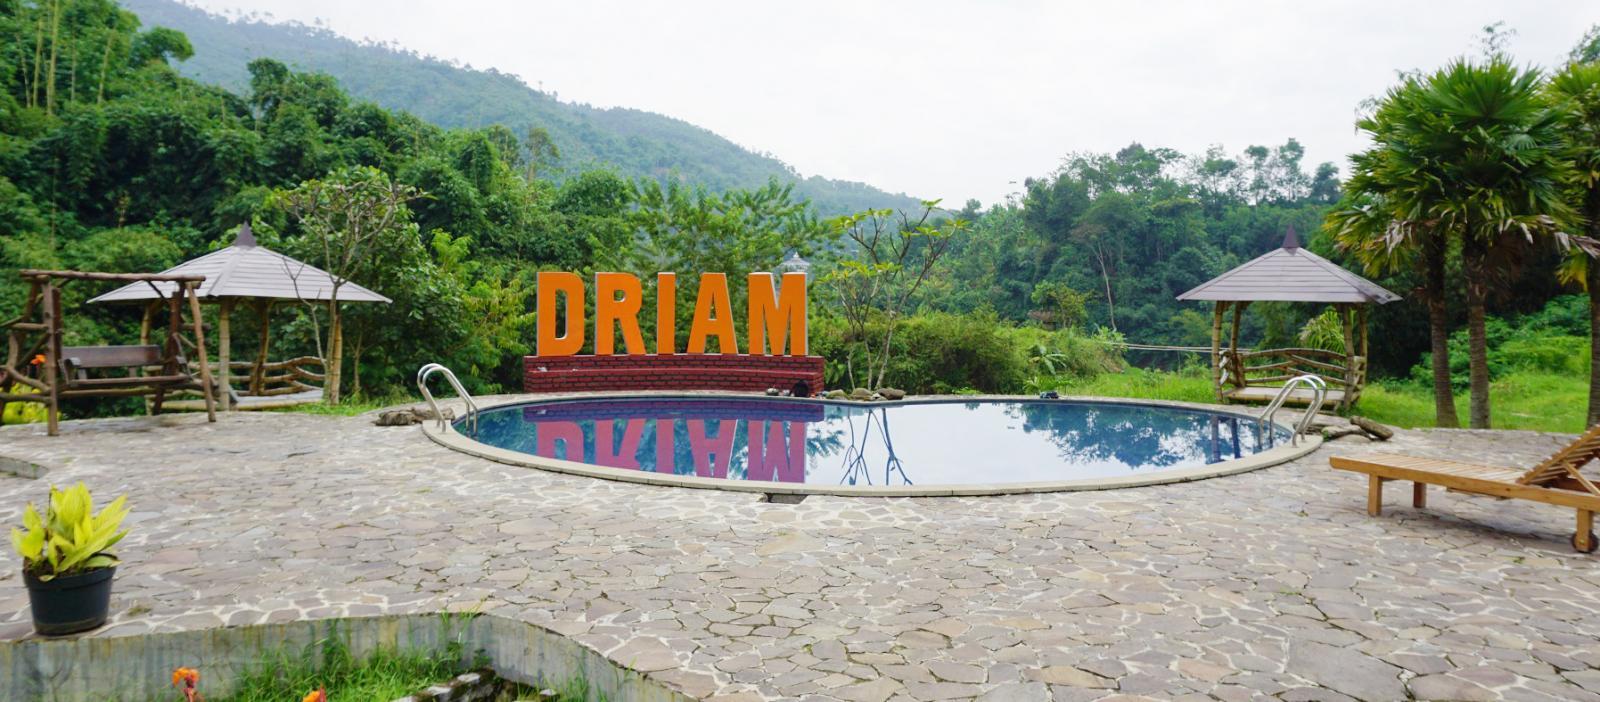 Driam Riverside Hotel & Resort Bandung